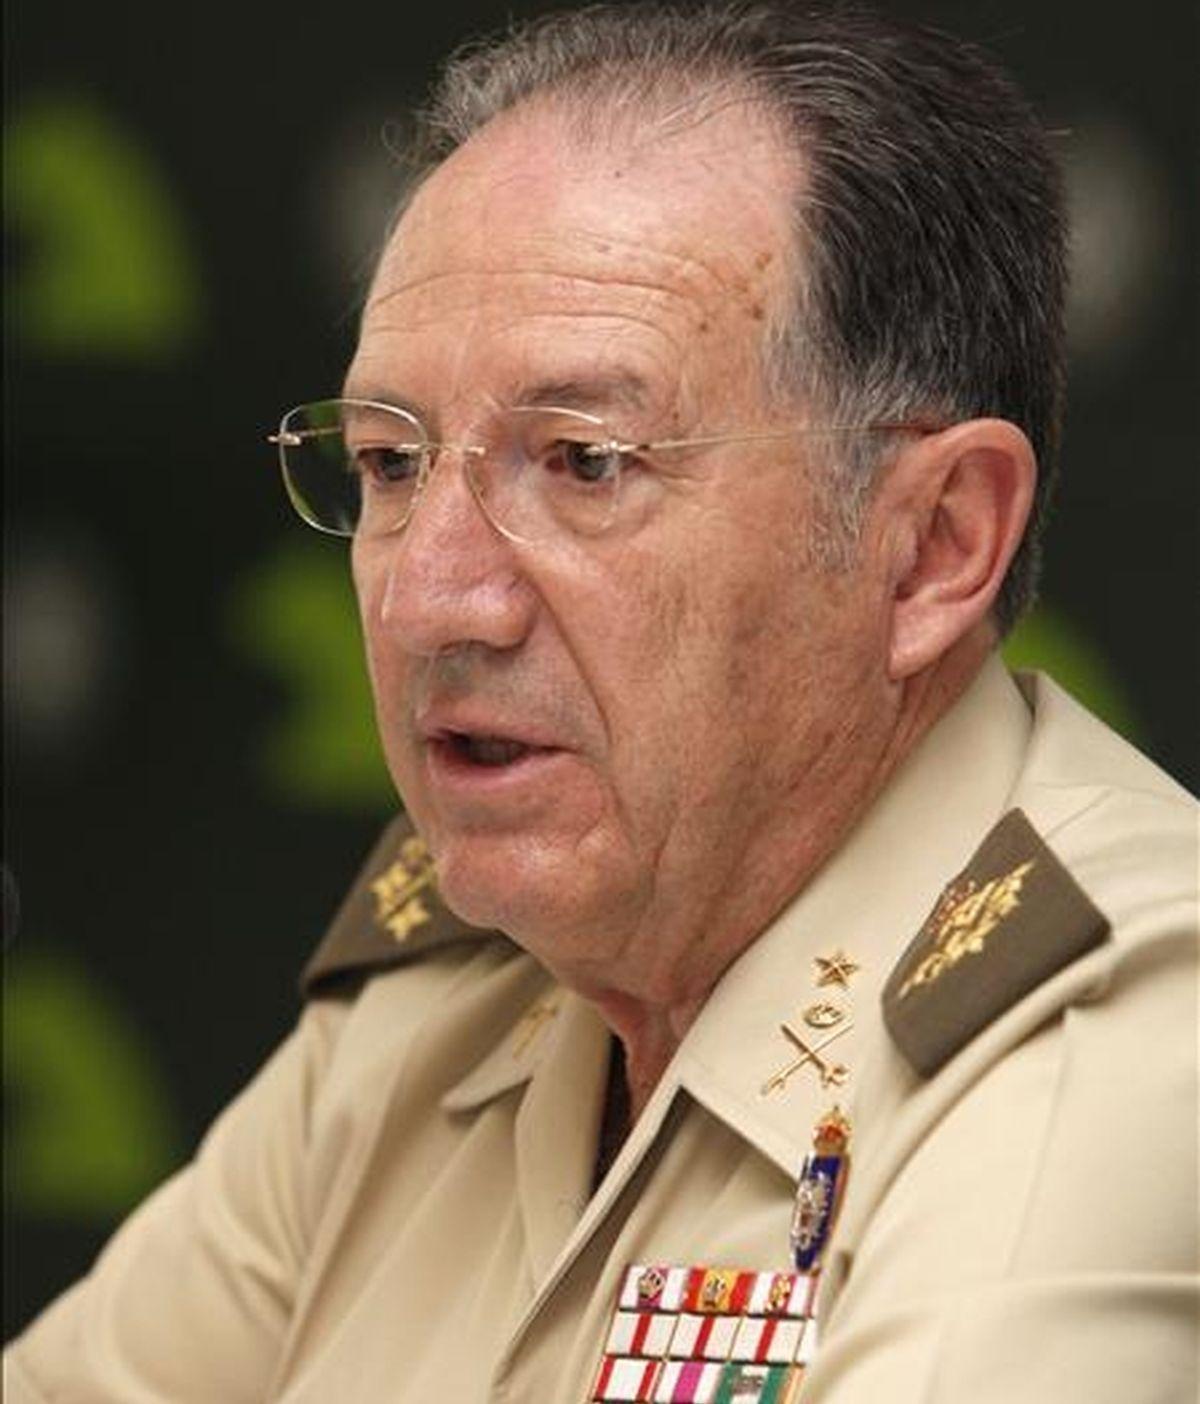 El Alto Representante para la Presidencia española de la UE en asuntos de Defensa, general Félix Sanz Roldán, anterior Jefe de Estado Mayor de la Defensa (JEMAD). EFE/Archivo